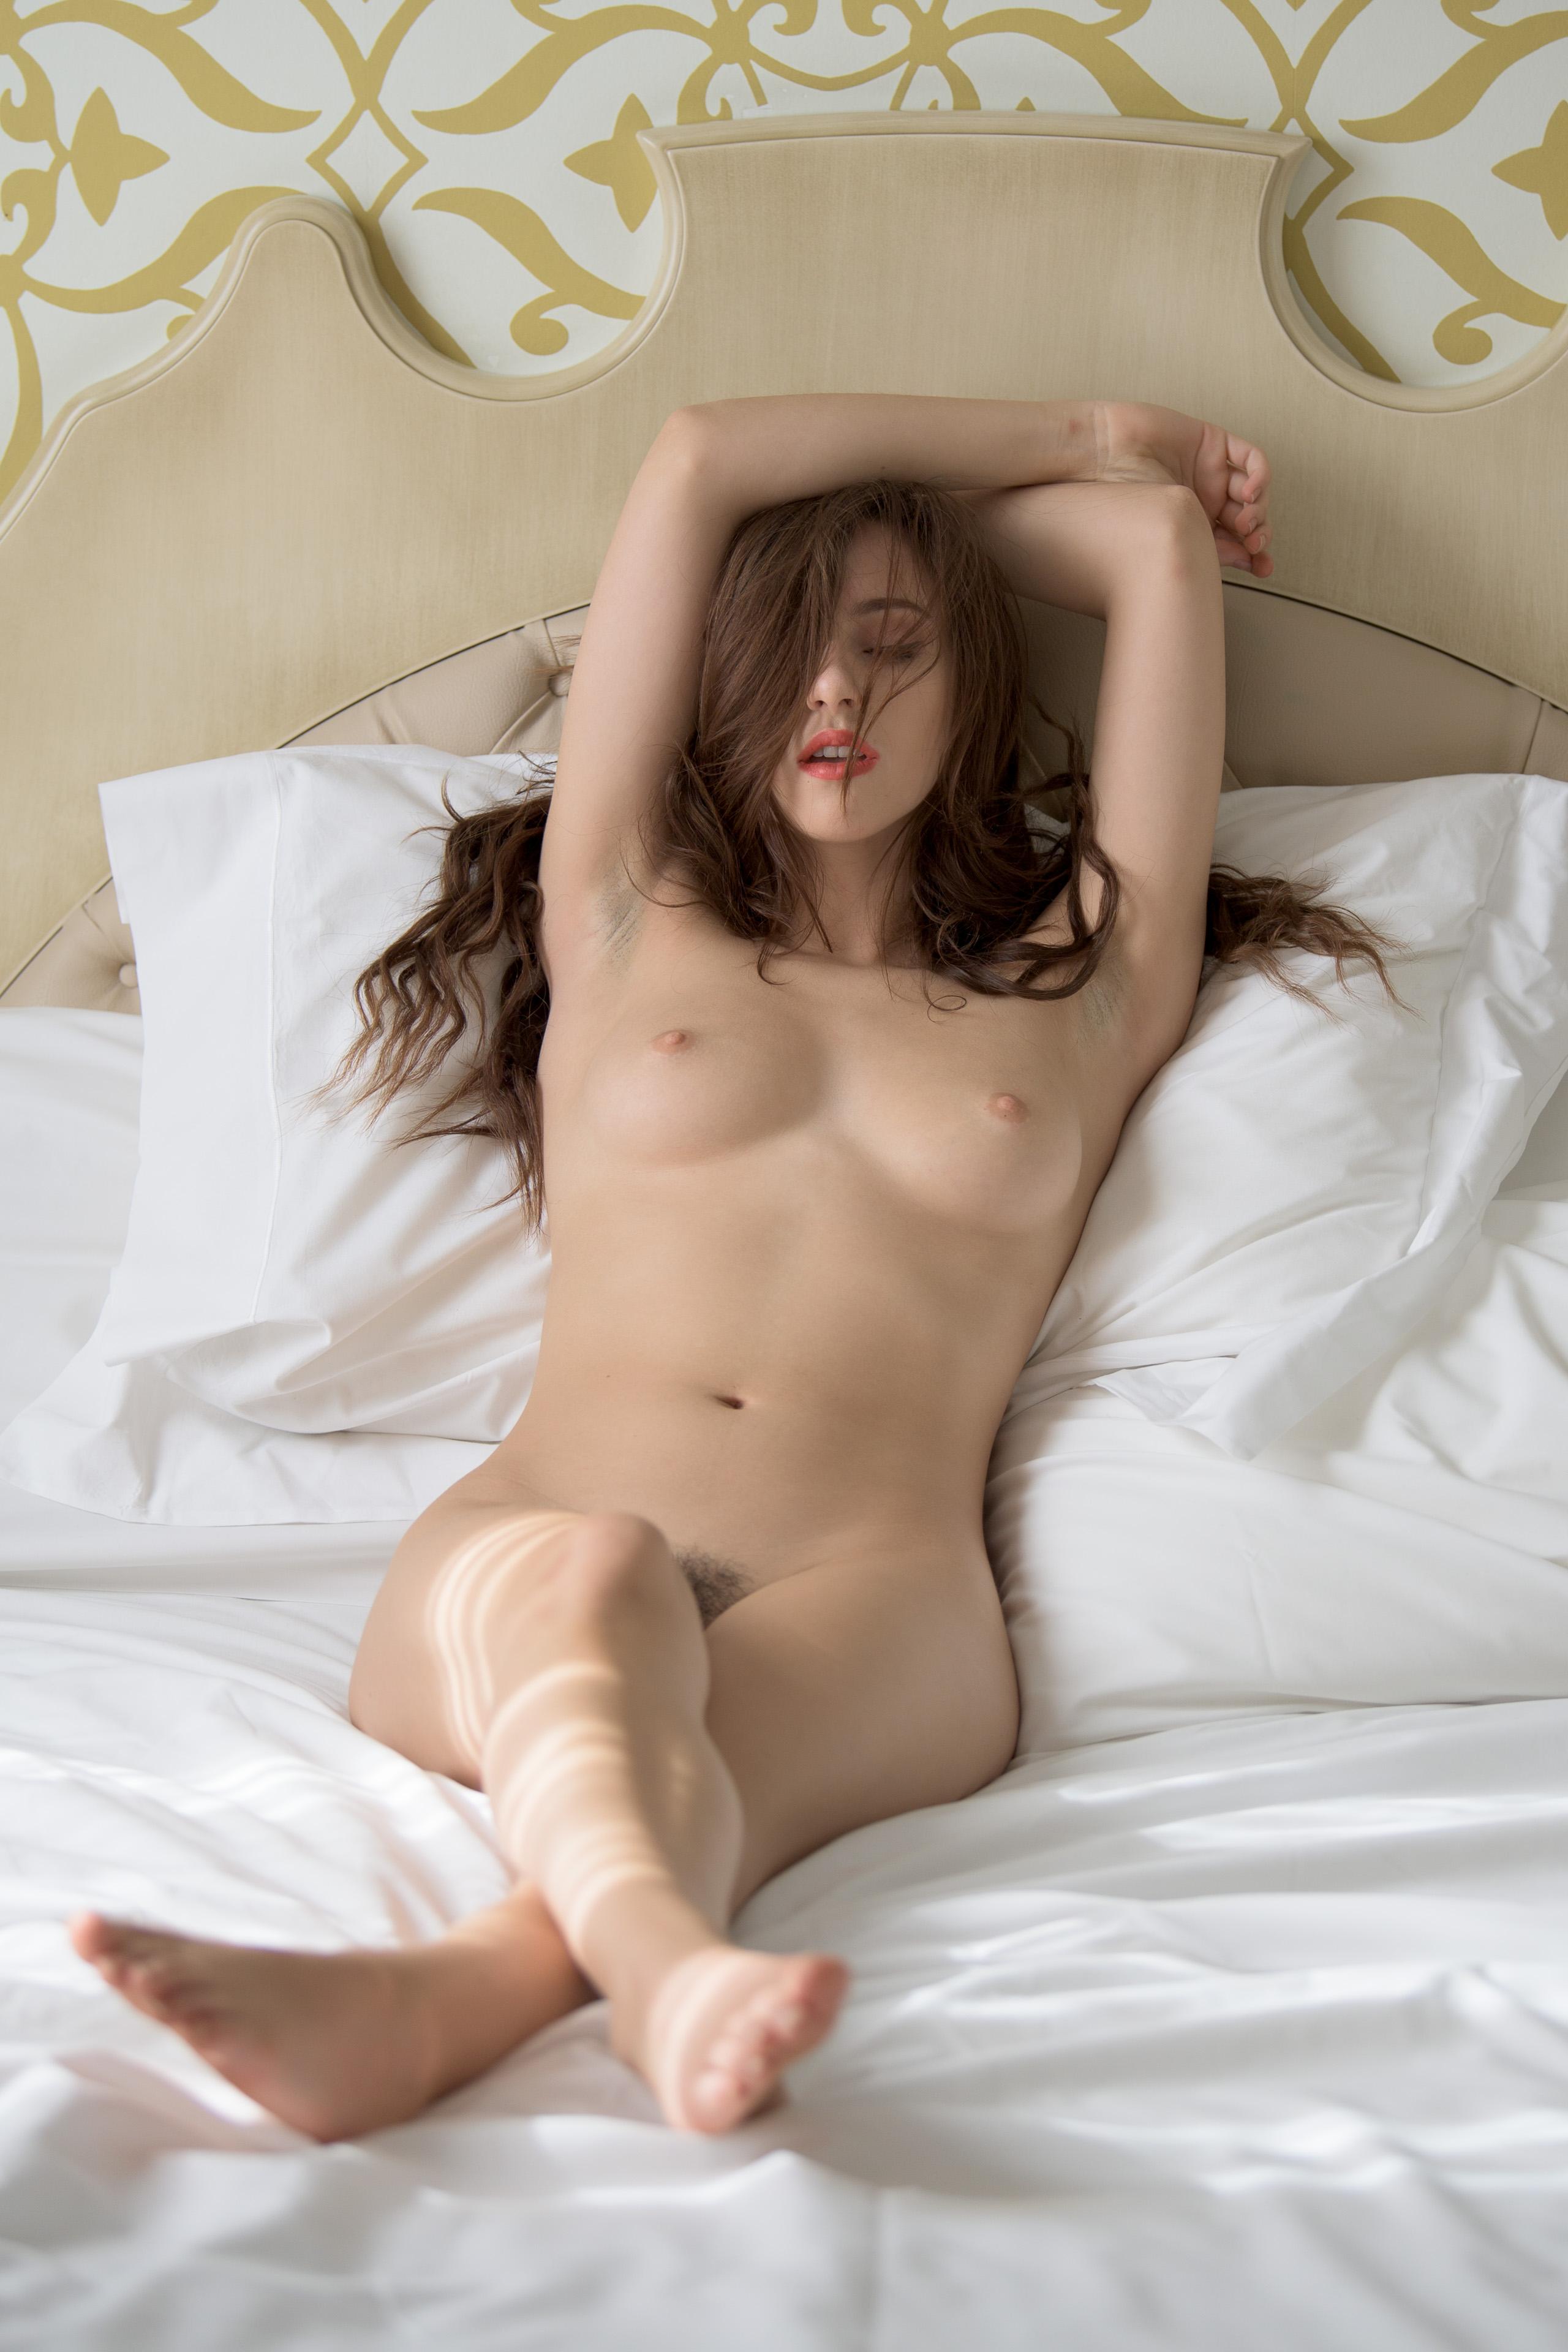 Sophia Blake@EuRossModels